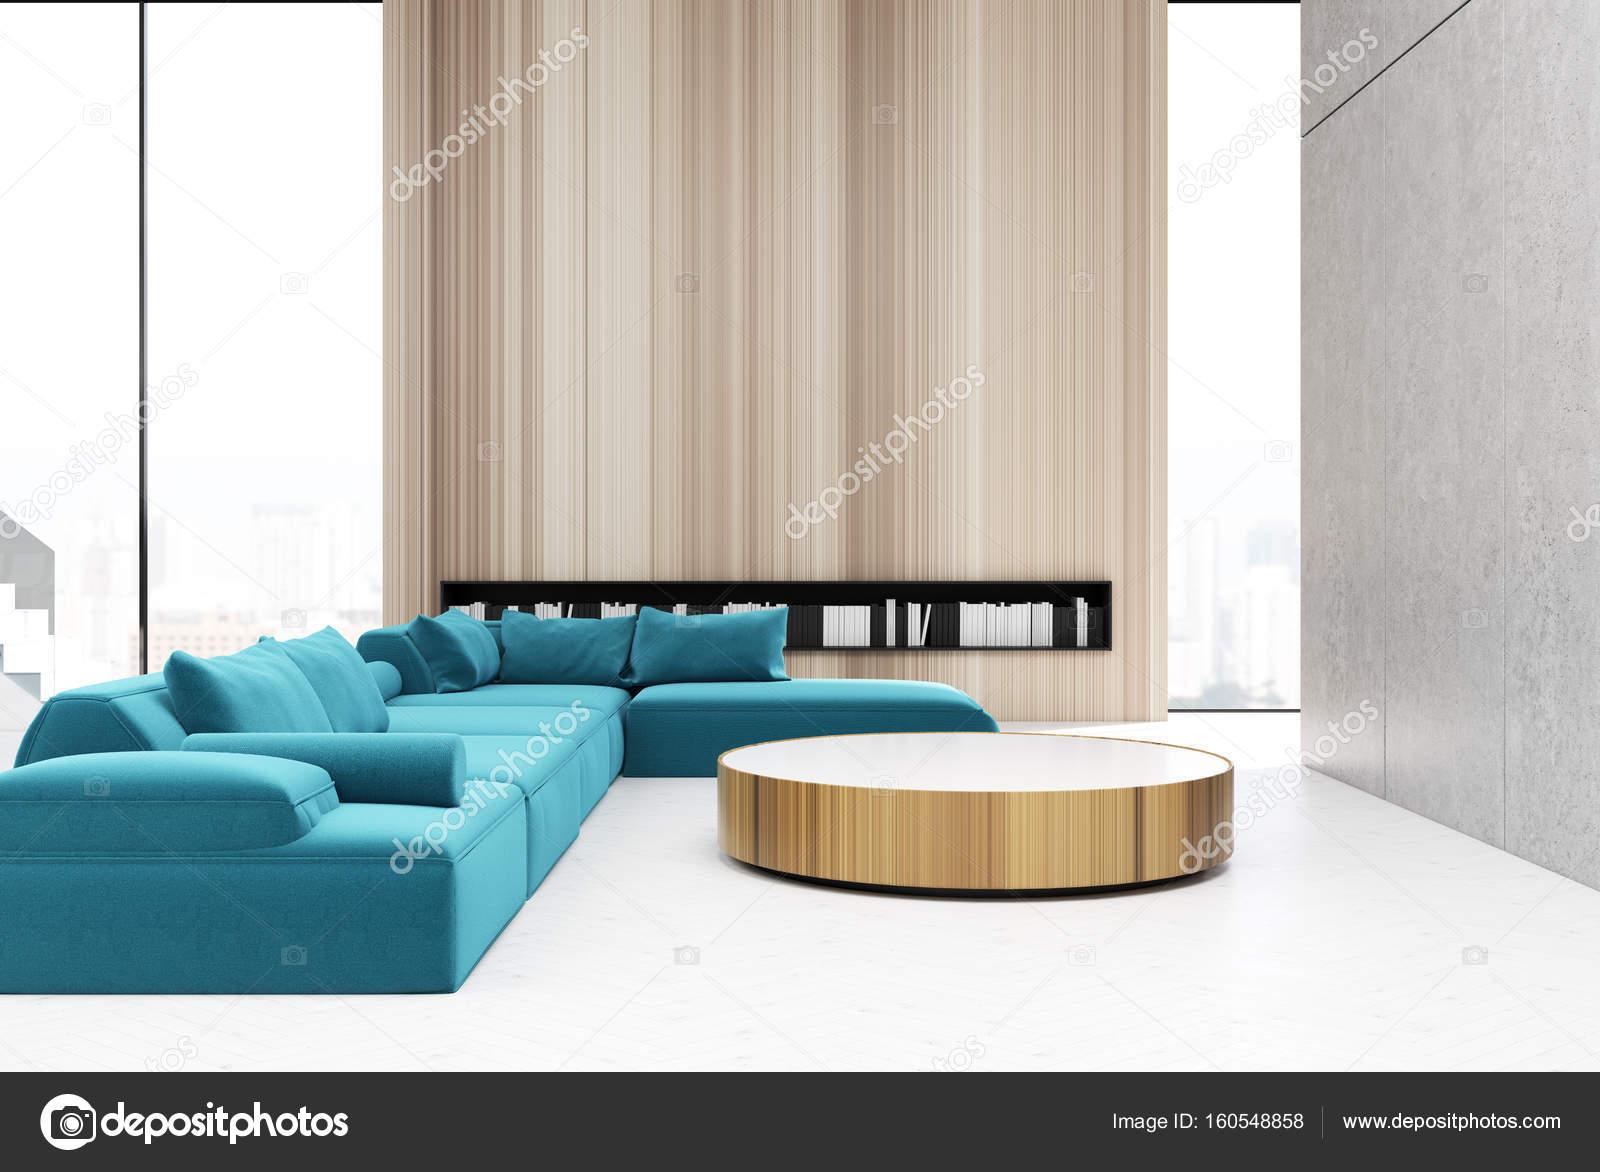 https://st3.depositphotos.com/2673929/16054/i/1600/depositphotos_160548858-stockafbeelding-houten-woonkamer-interieur-blauw.jpg